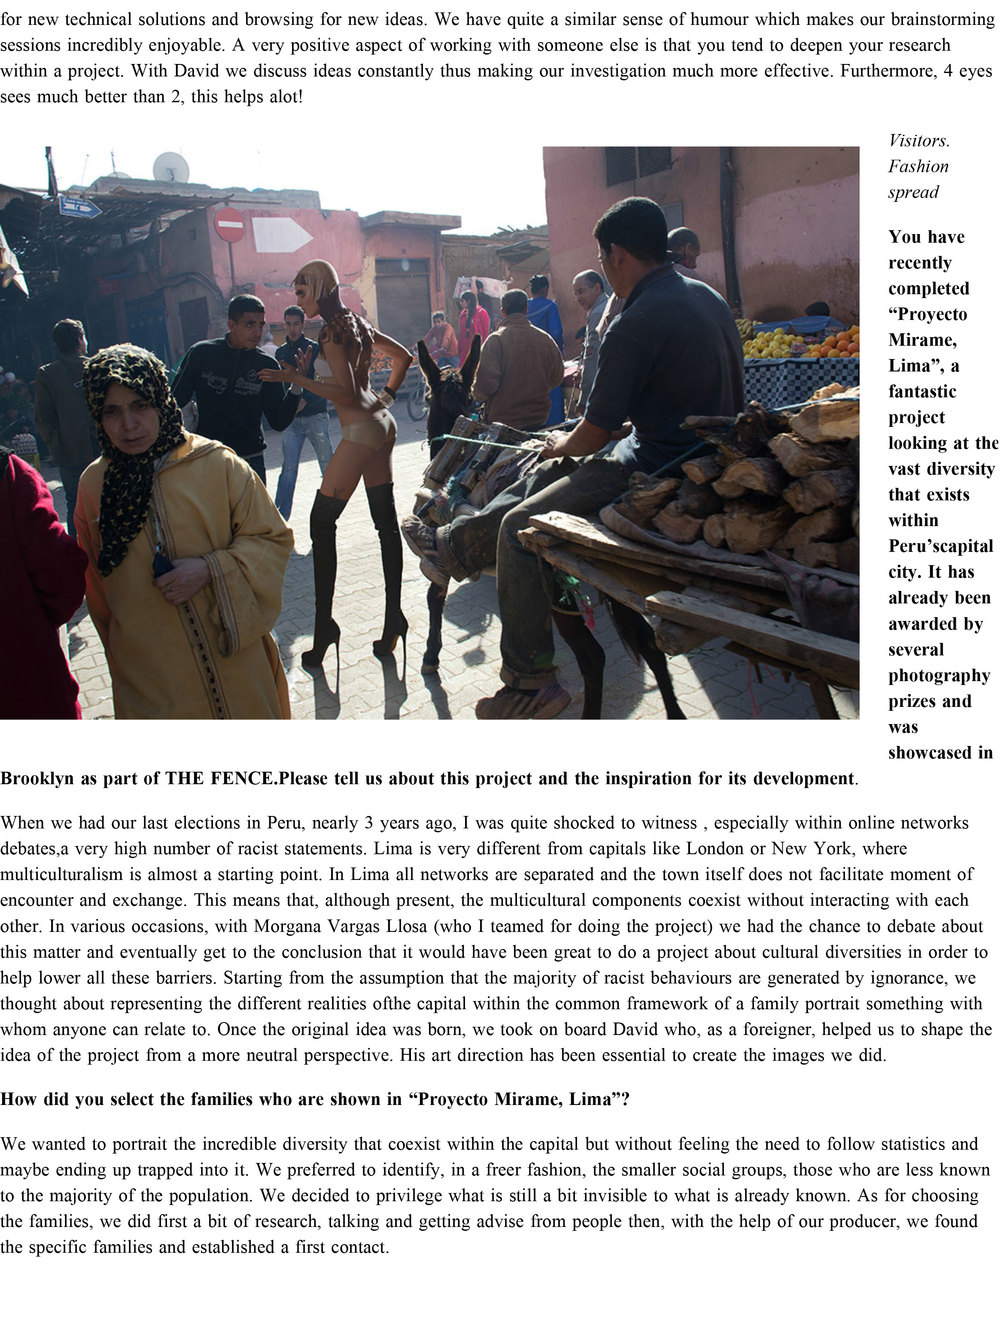 _Jaime-Travezan-'Proyecto-Mirame,-Lima'-4.jpg